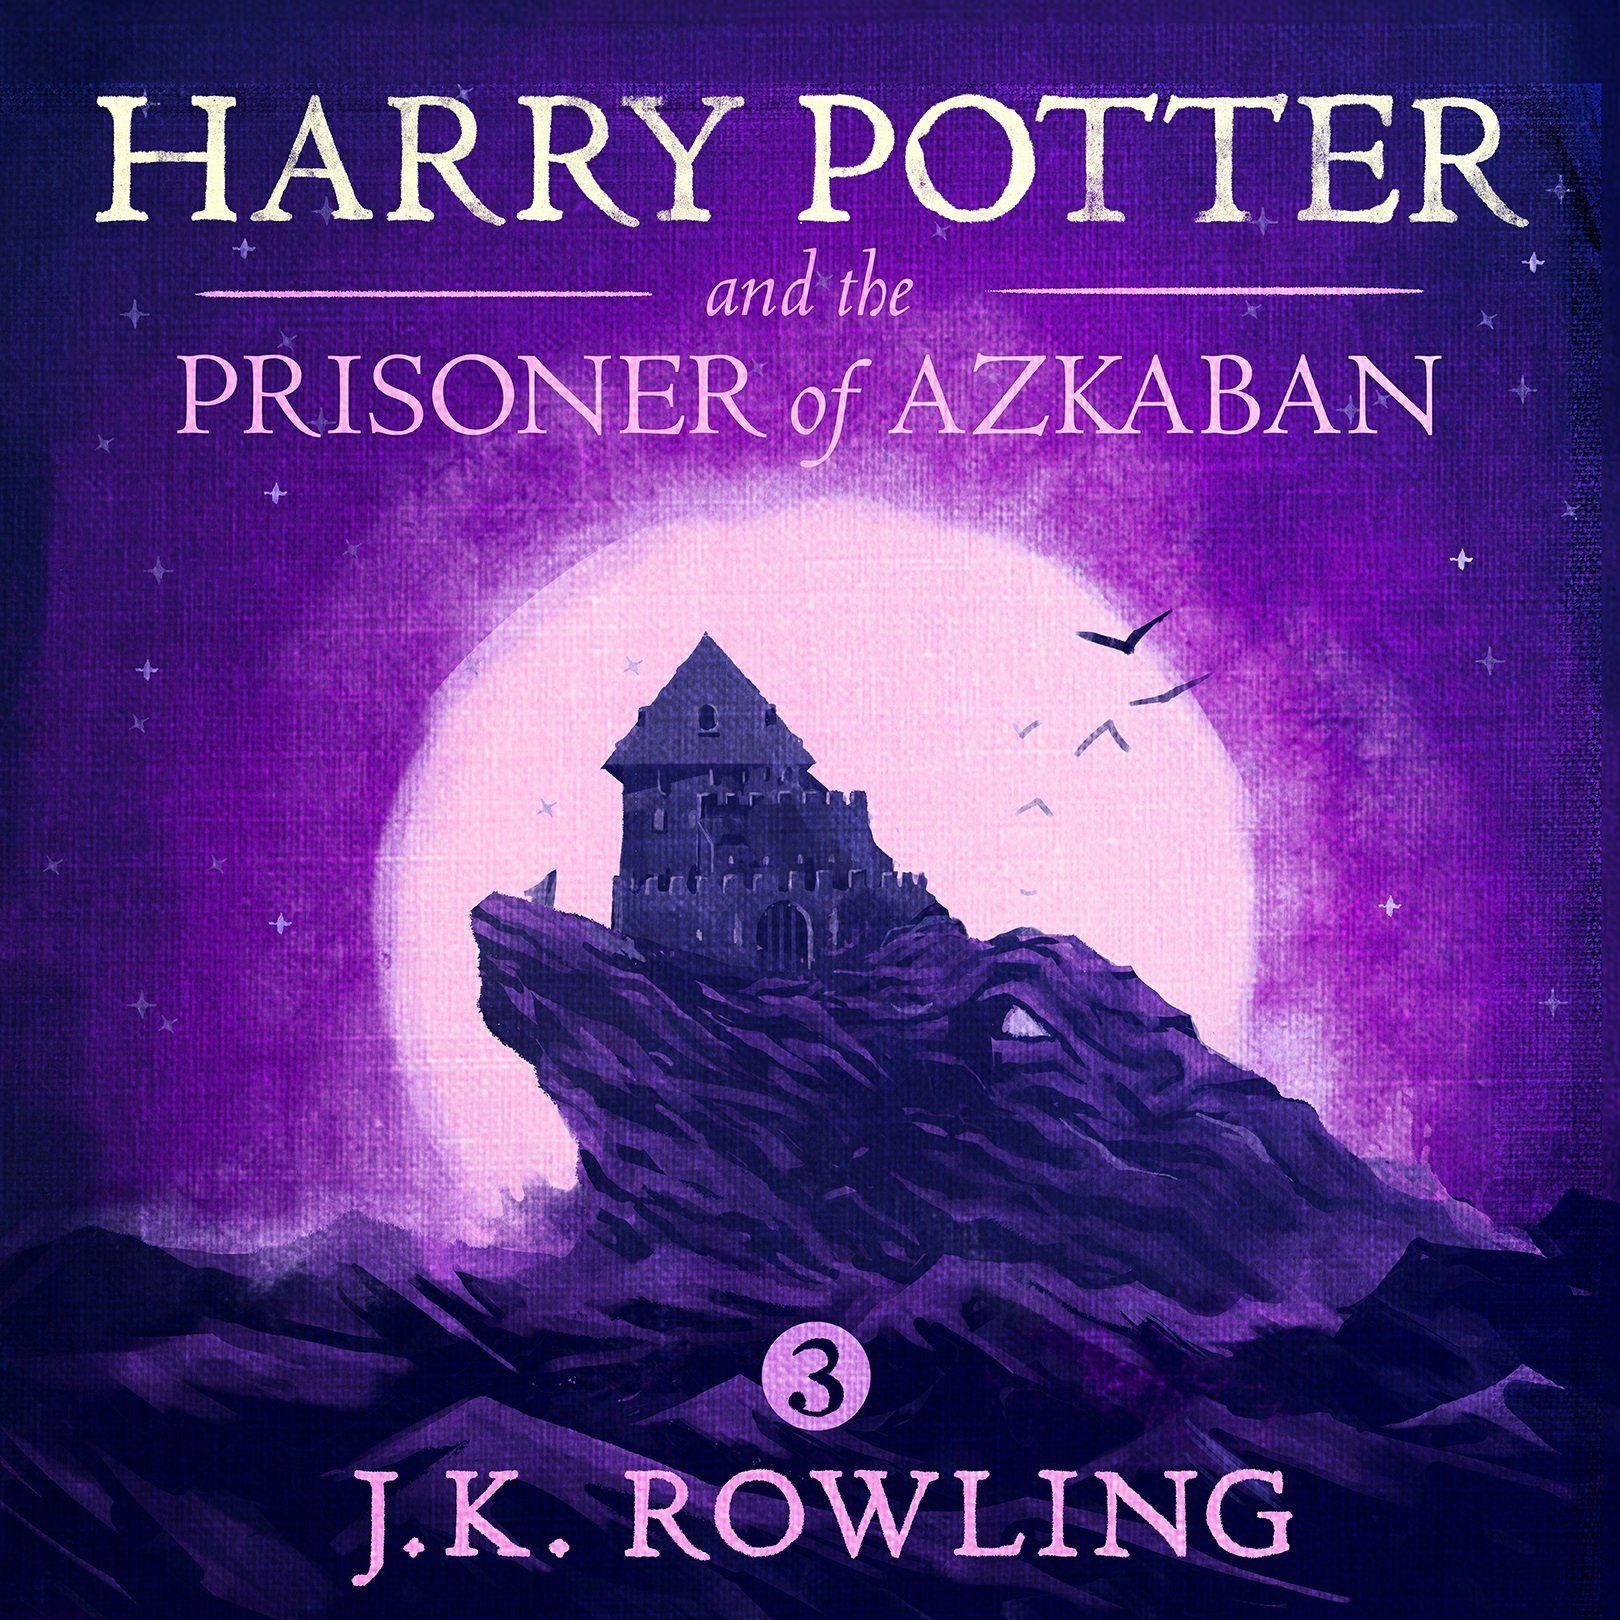 Harry Potter And The Prisoner Of Azkaban Book 3 Von J K Rowling Bilder Kinder Kinderbuecher Abenteuer Fantasy Pira In 2020 Der Gefangene Von Askaban Horbuch Bucher